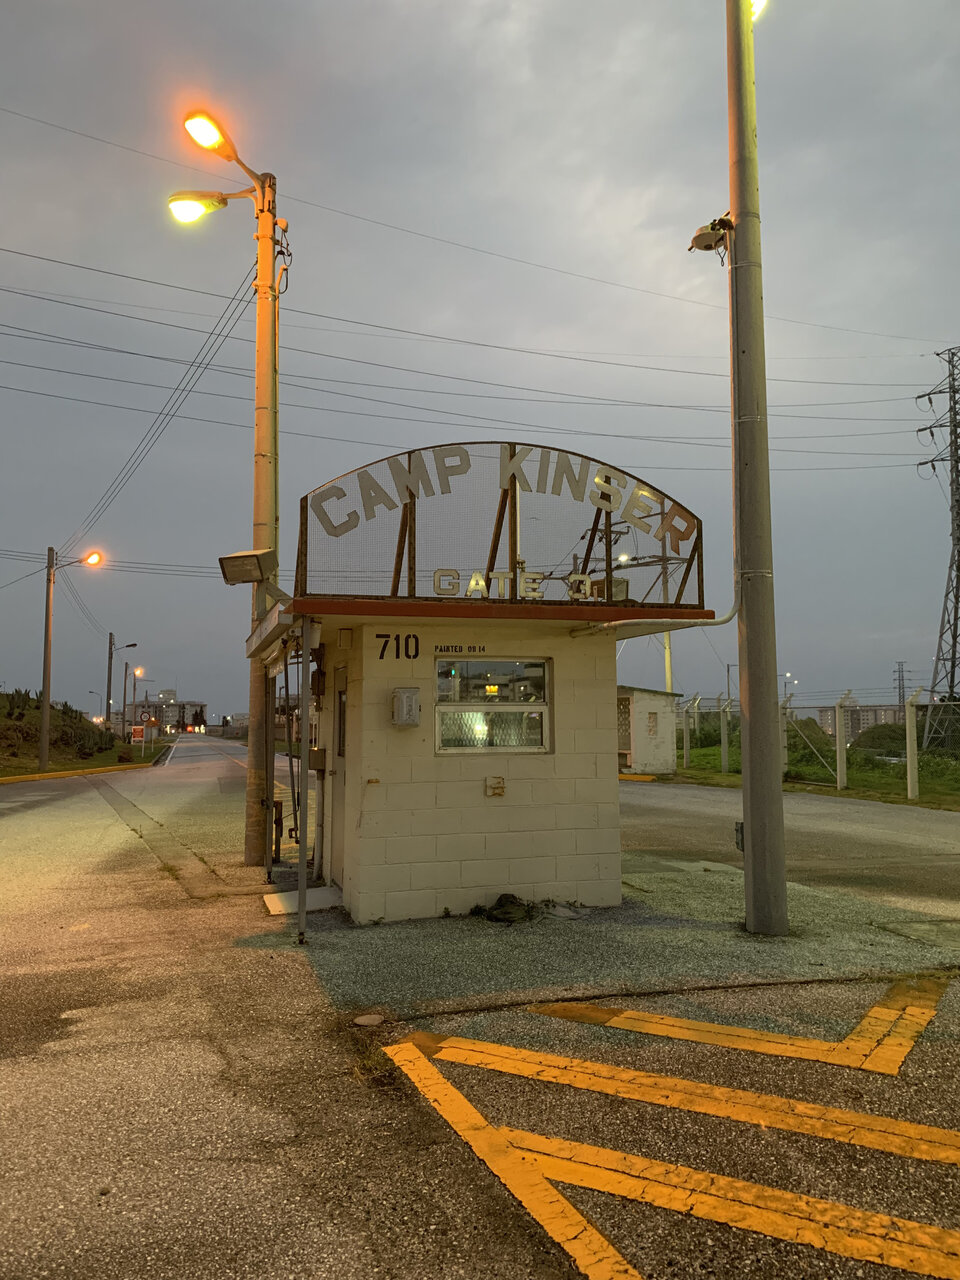 沖縄に土地神話/米軍用地に資金流入 21年度も借地料1%アップ 不良債権化なく取引活発